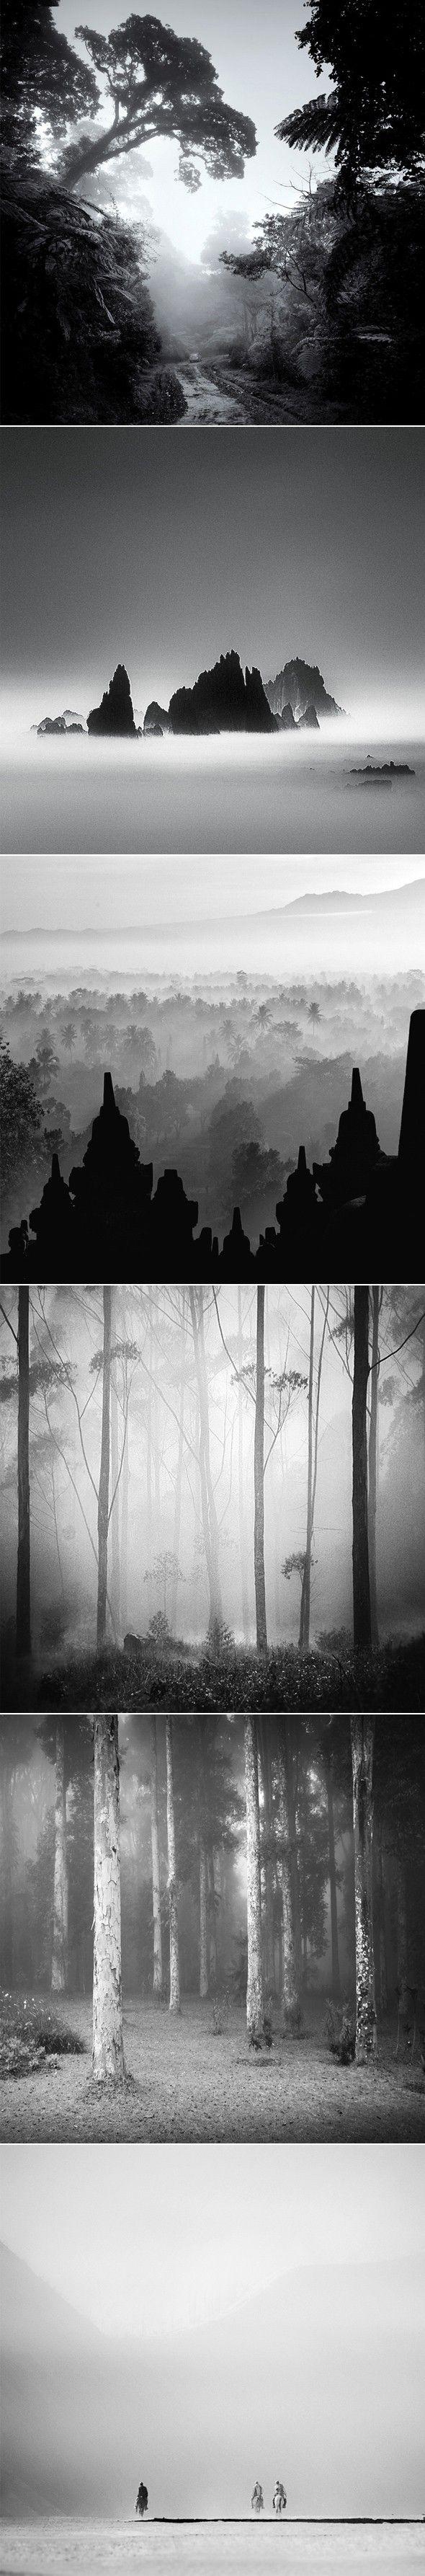 Photos noir et blanc paysage